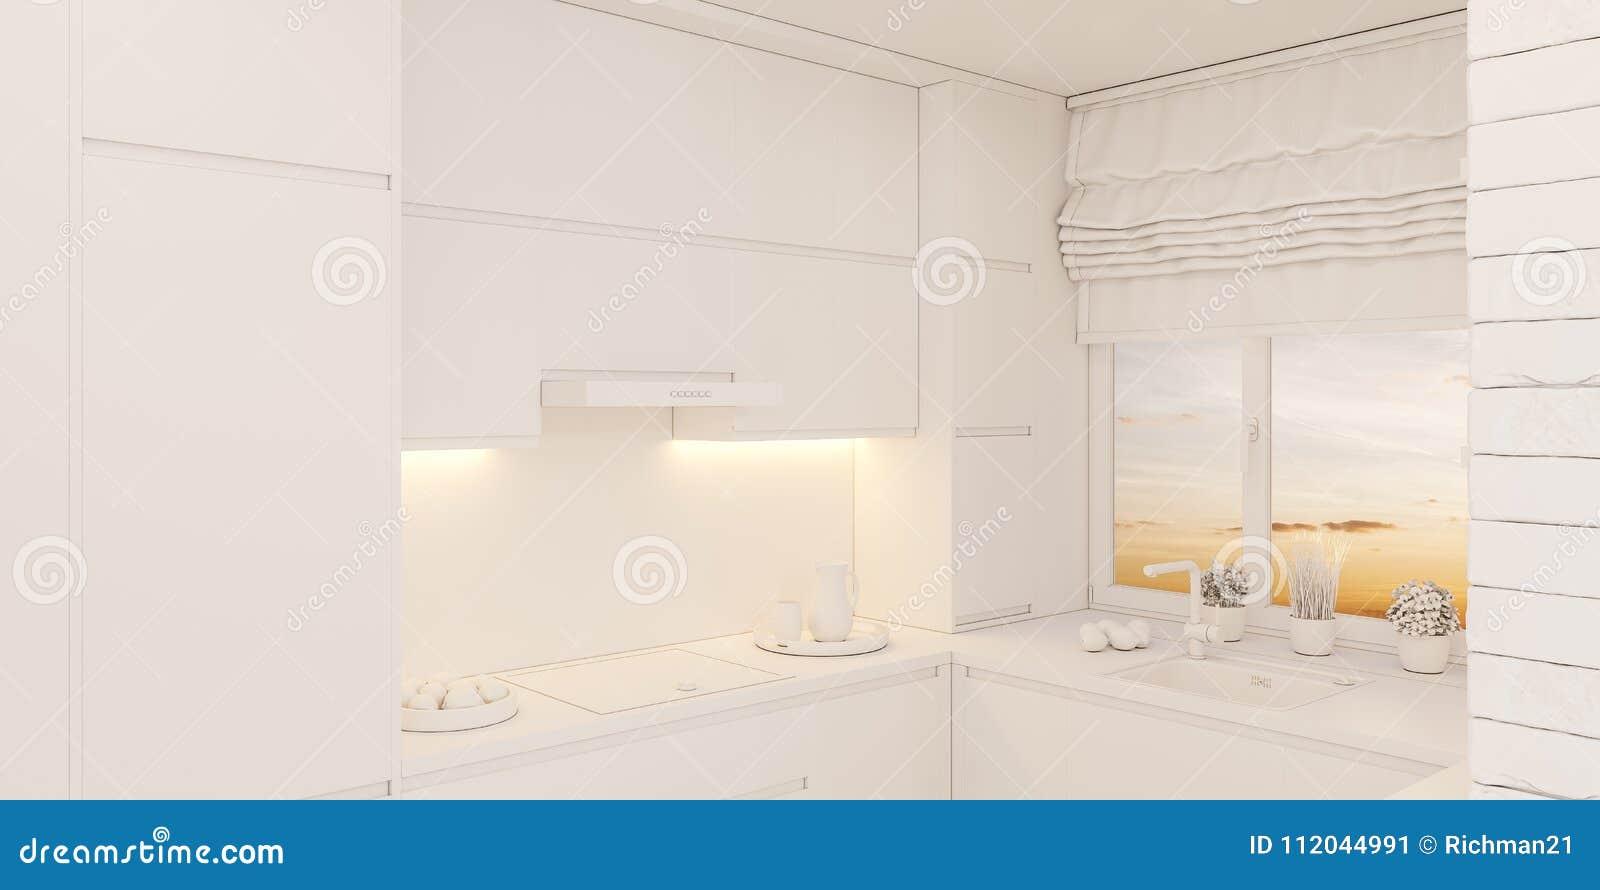 Excelente Diseños Libres De La Cocina 3d Patrón - Ideas de ...